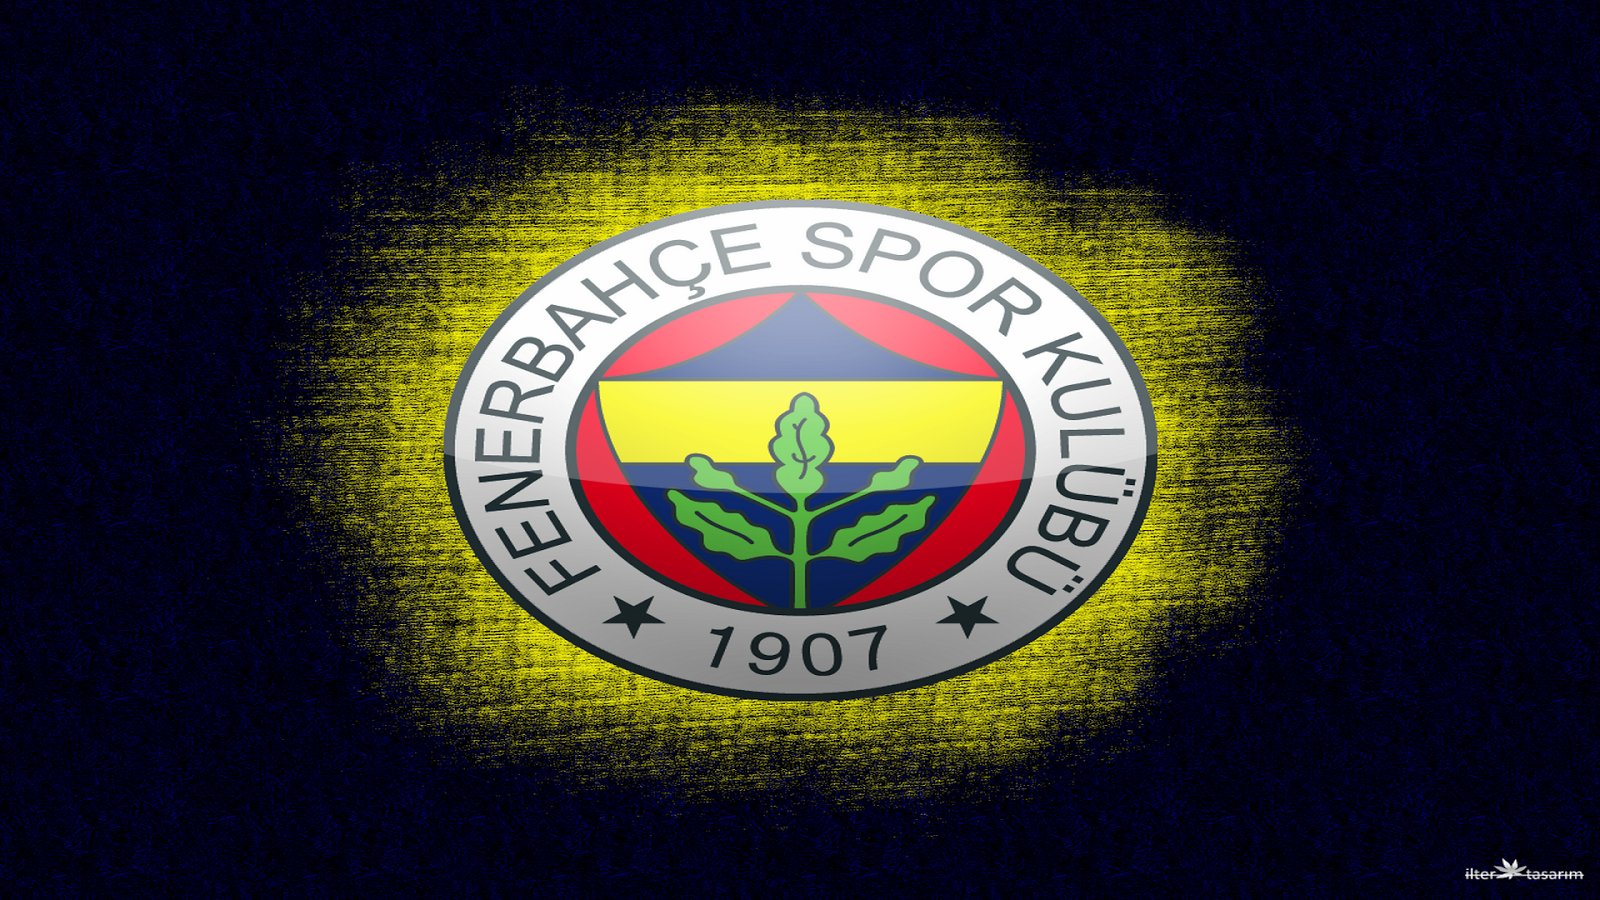 fenerbahce+resim+rooteto+6 Fenerbahçe HD Resimleri